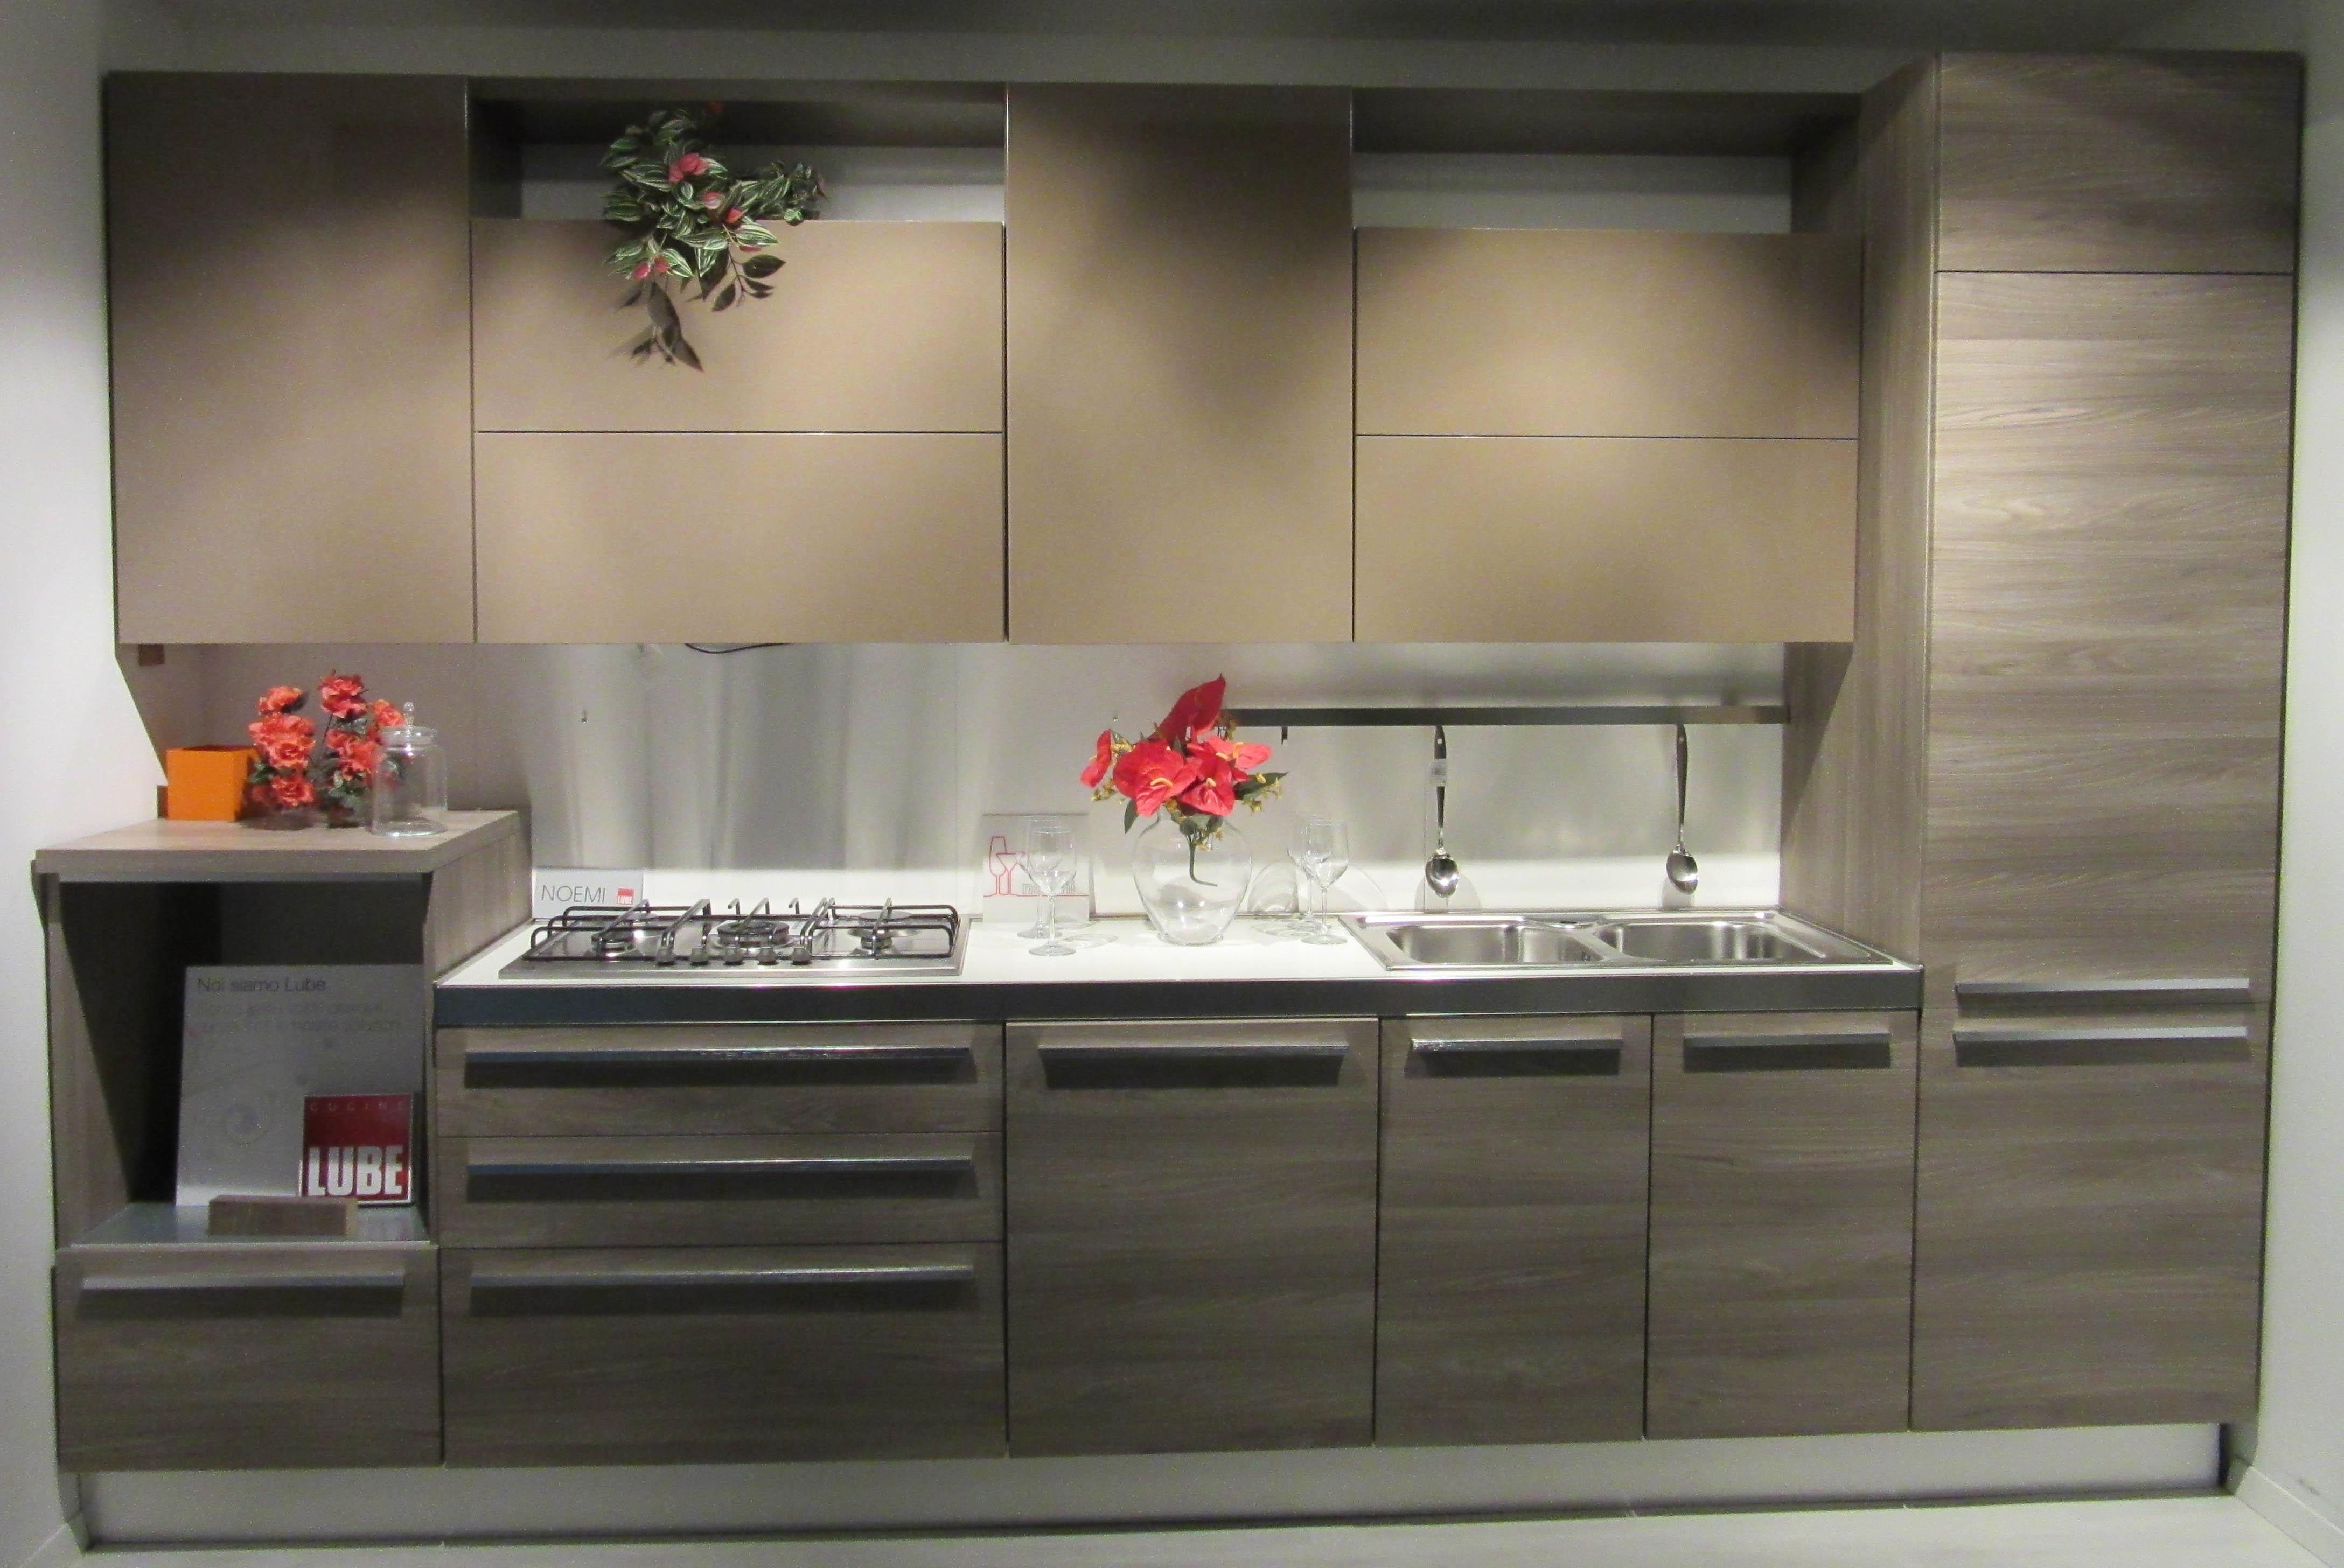 Altezza Piano Cucina. Free Cucina With Altezza Piano Cucina ...